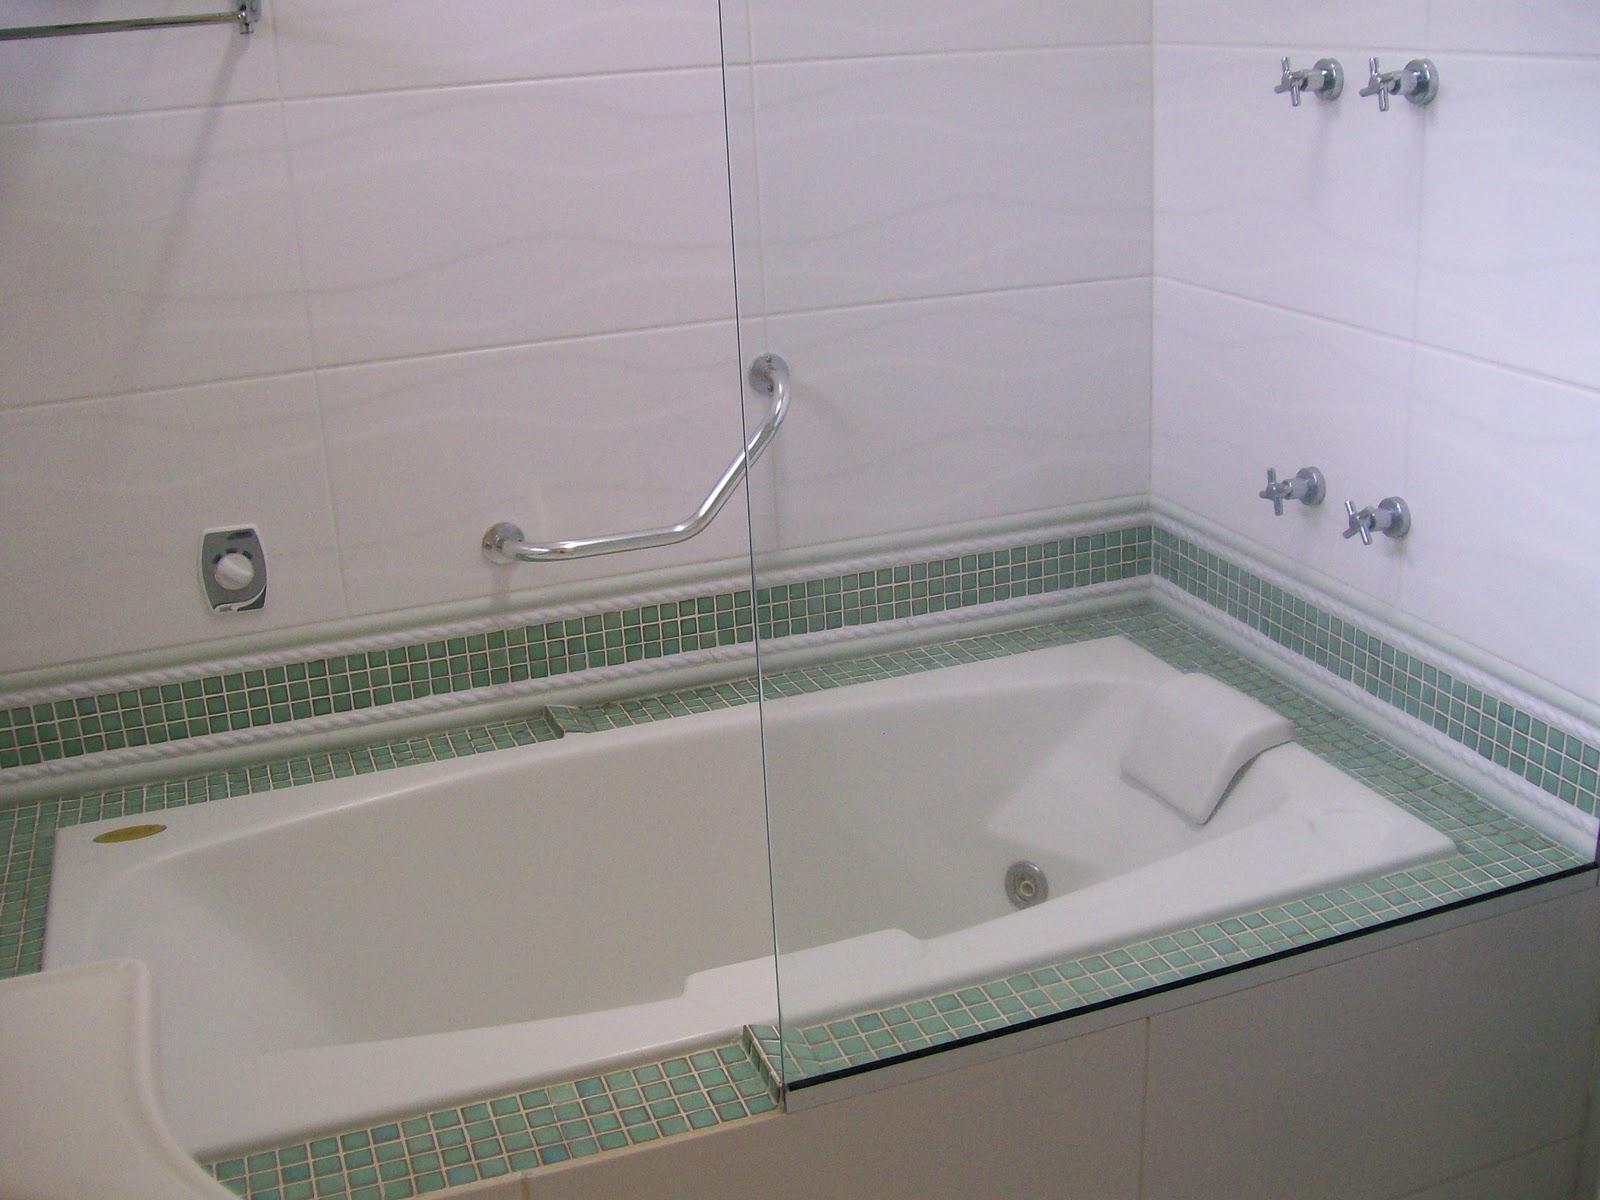 Jacuzzi com hidro e aquecimento no banheiro da suíte; acabamento  #625A71 1600x1200 Armario Banheiro Blindex